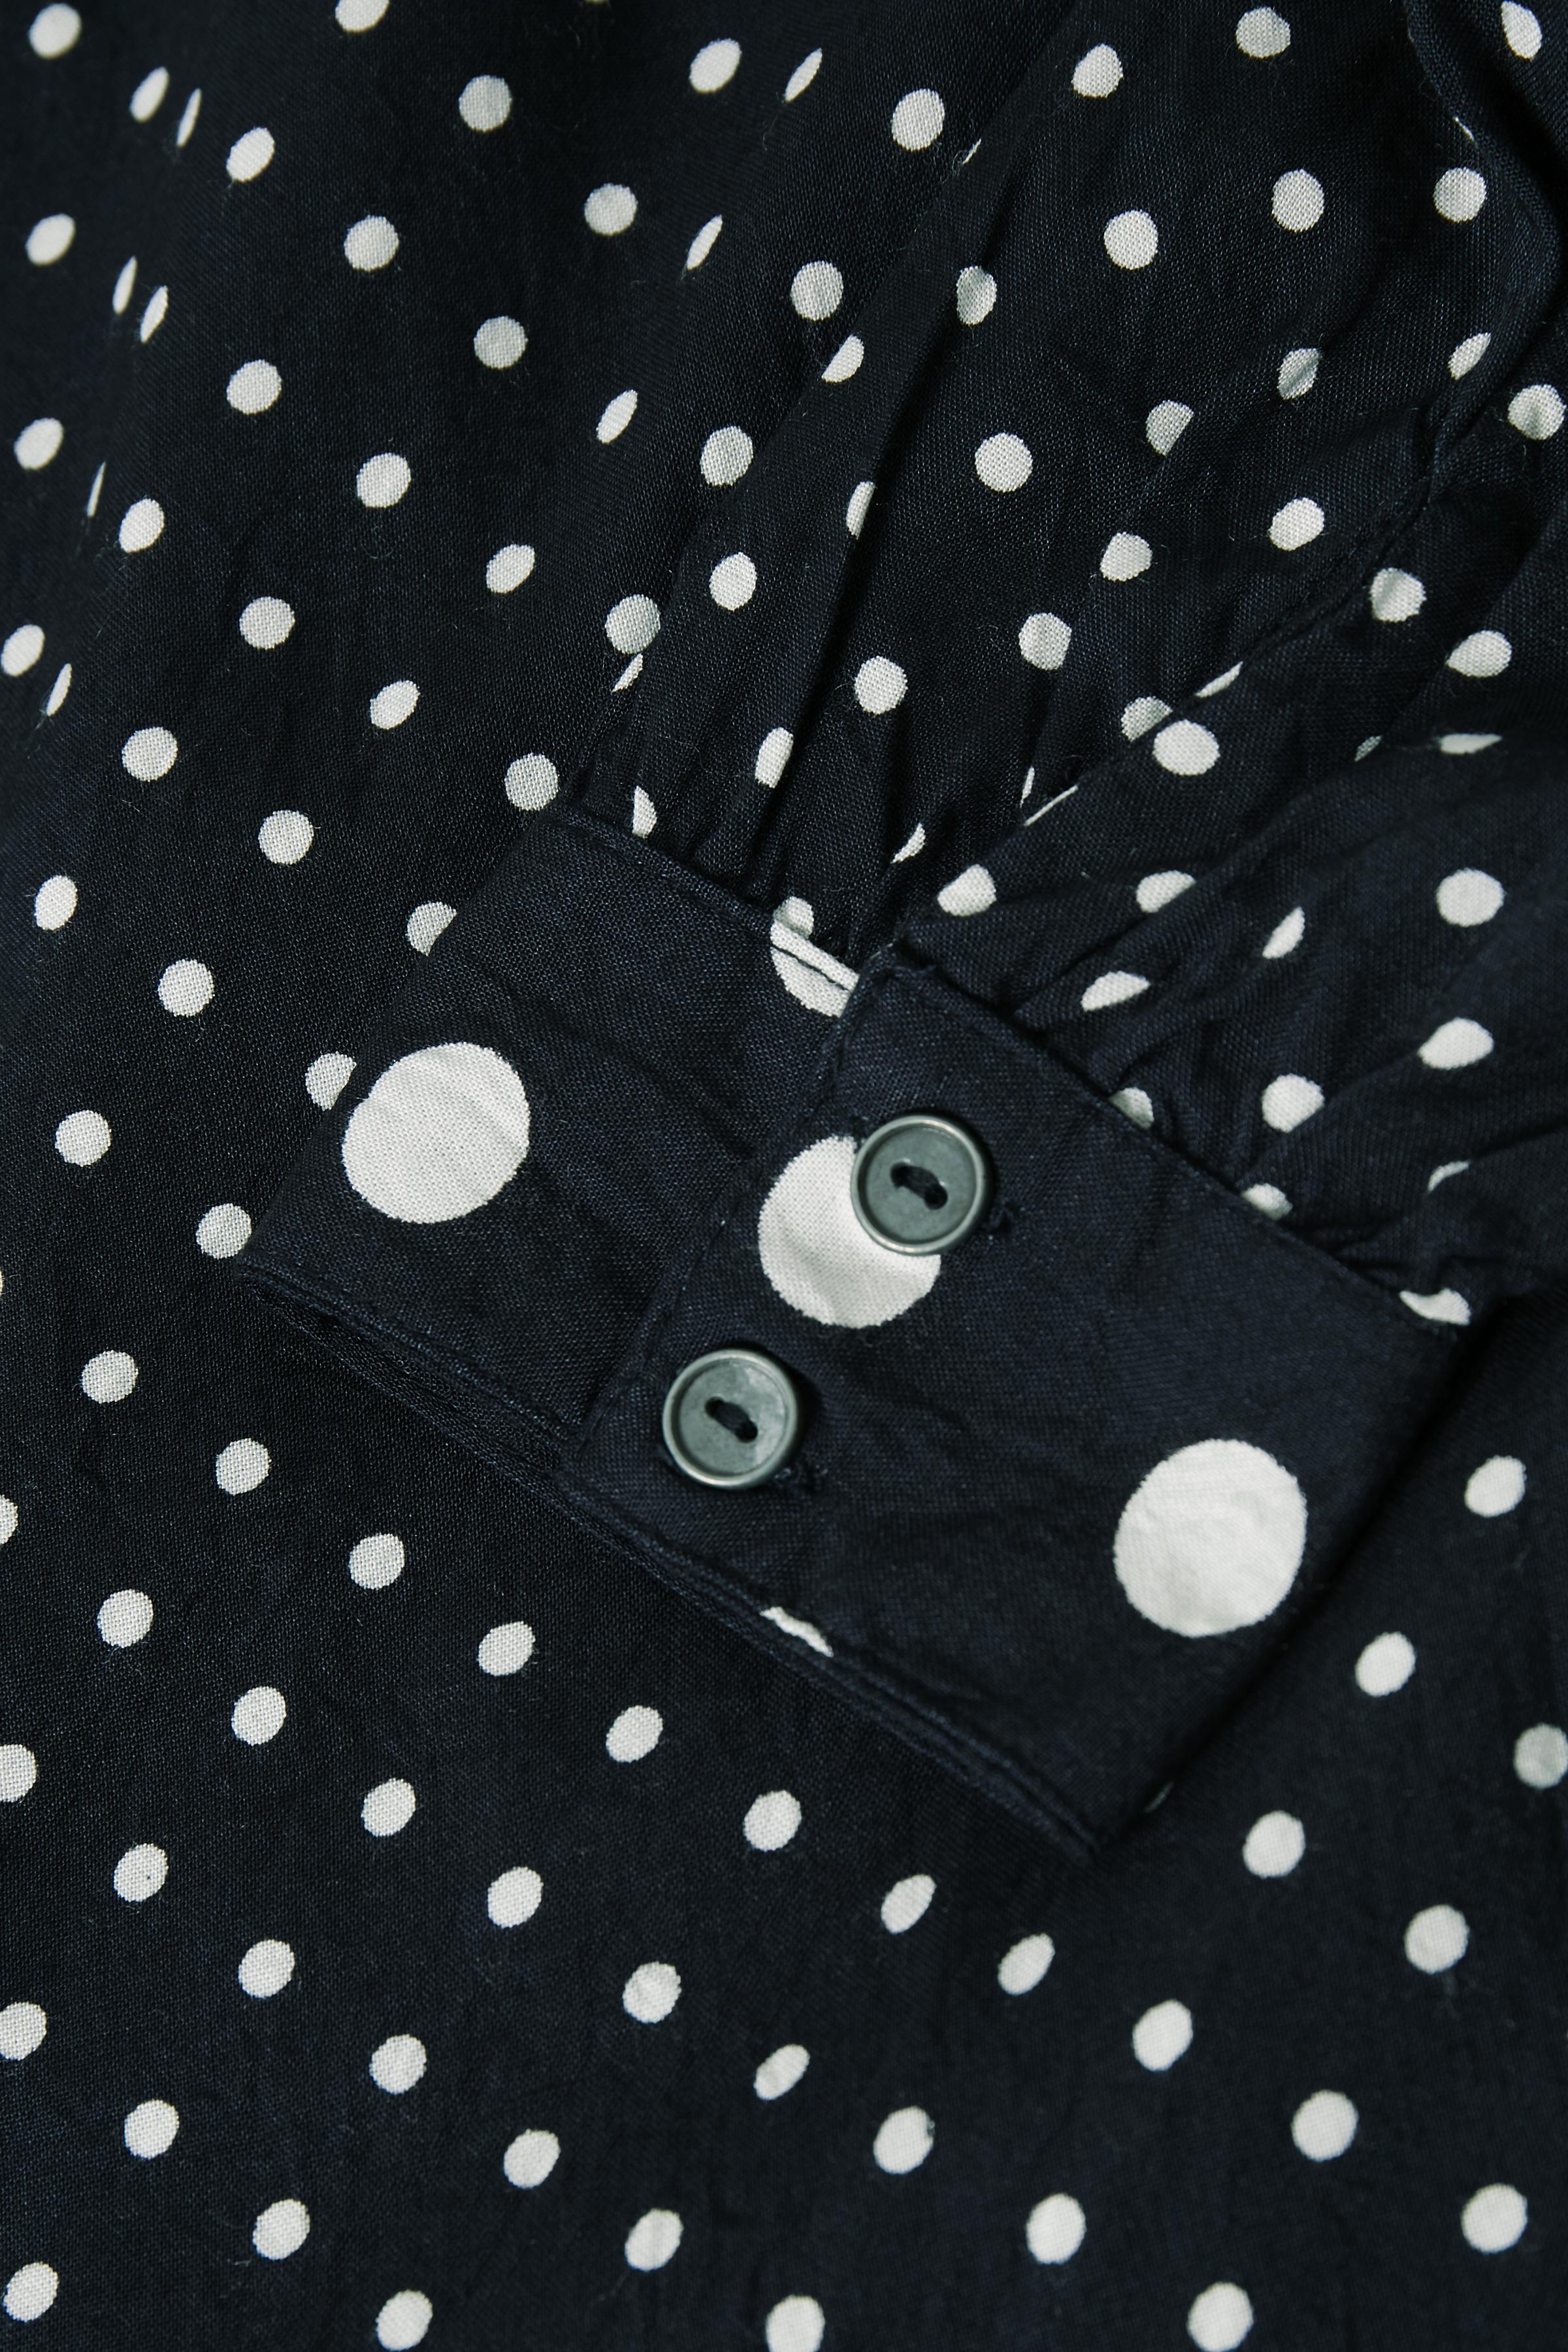 Marineblau/weiss Langarm-Bluse  von Kaffe – Shoppen SieMarineblau/weiss Langarm-Bluse  ab Gr. 34-46 hier